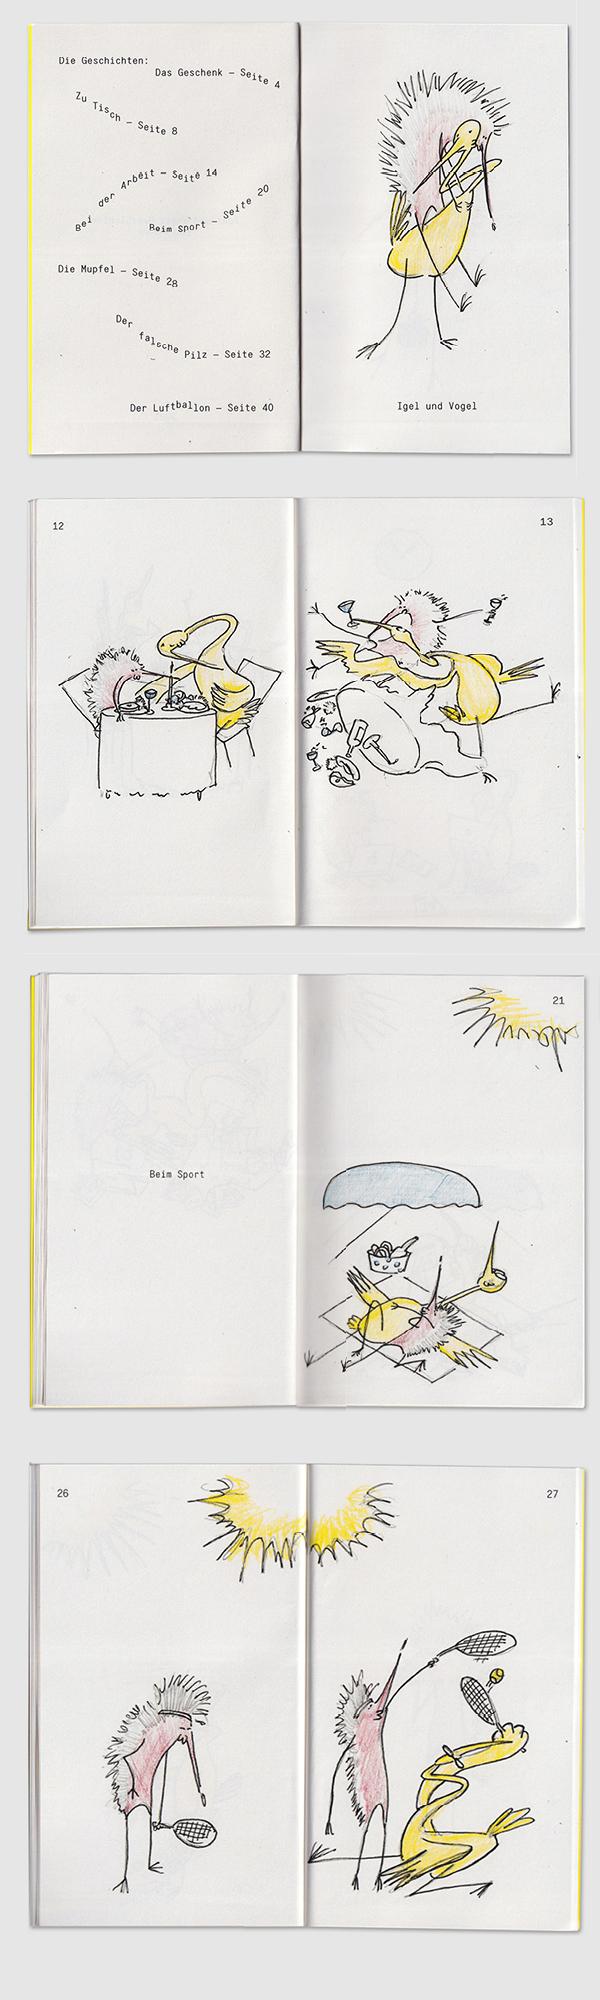 Igel und Vogel Geschichten children's book 3